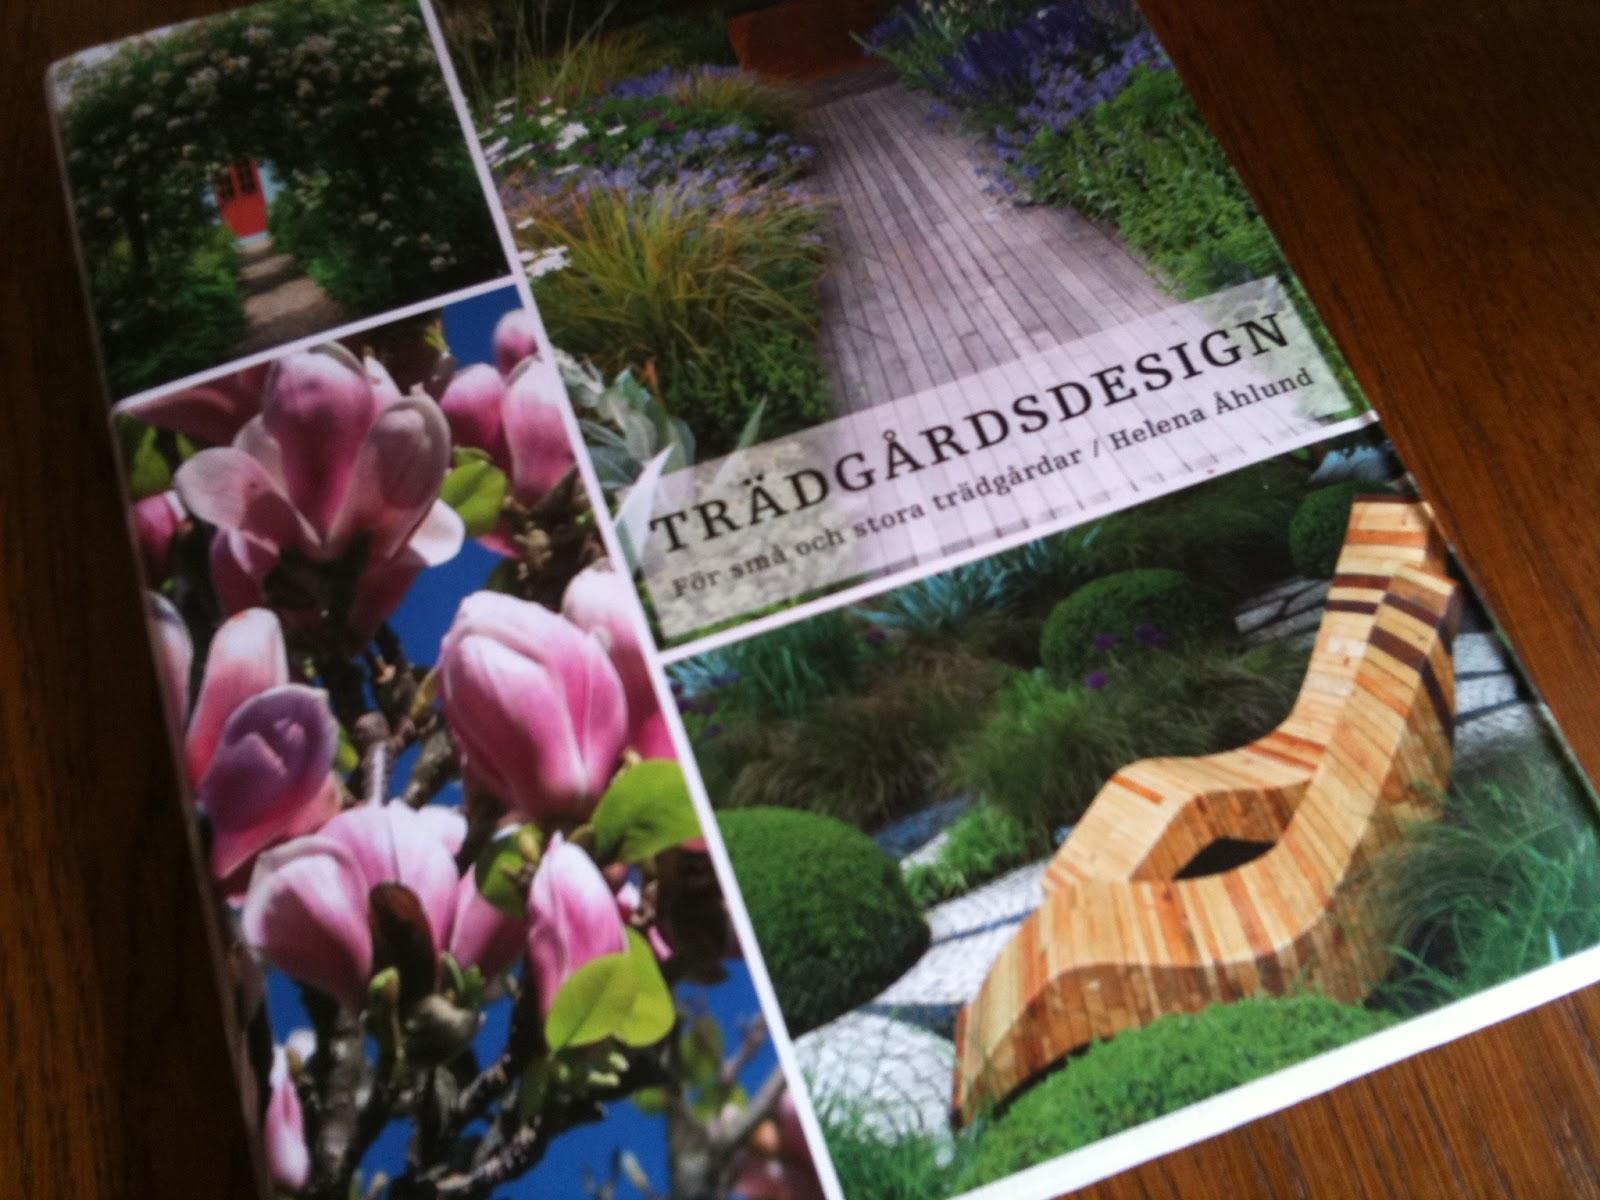 Trädgårdsdags: bok om trädgårdsdesign